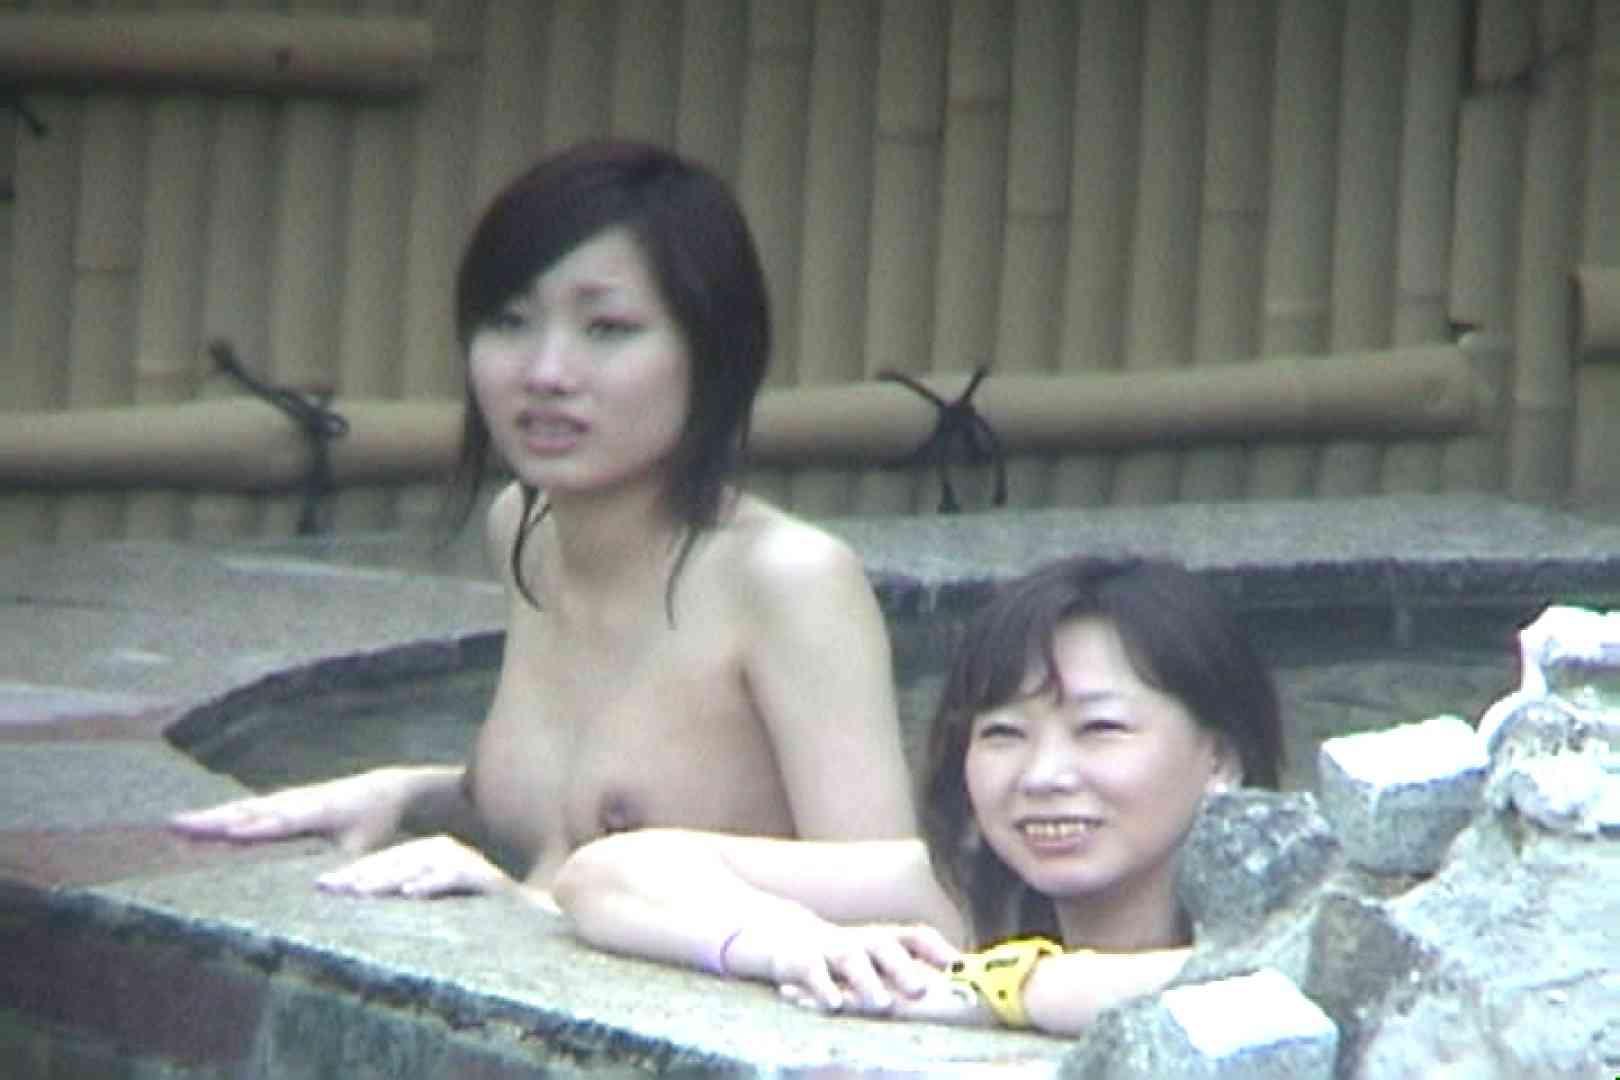 Aquaな露天風呂Vol.58【VIP限定】 美しいOLの裸体 | 盗撮師作品  97pic 28